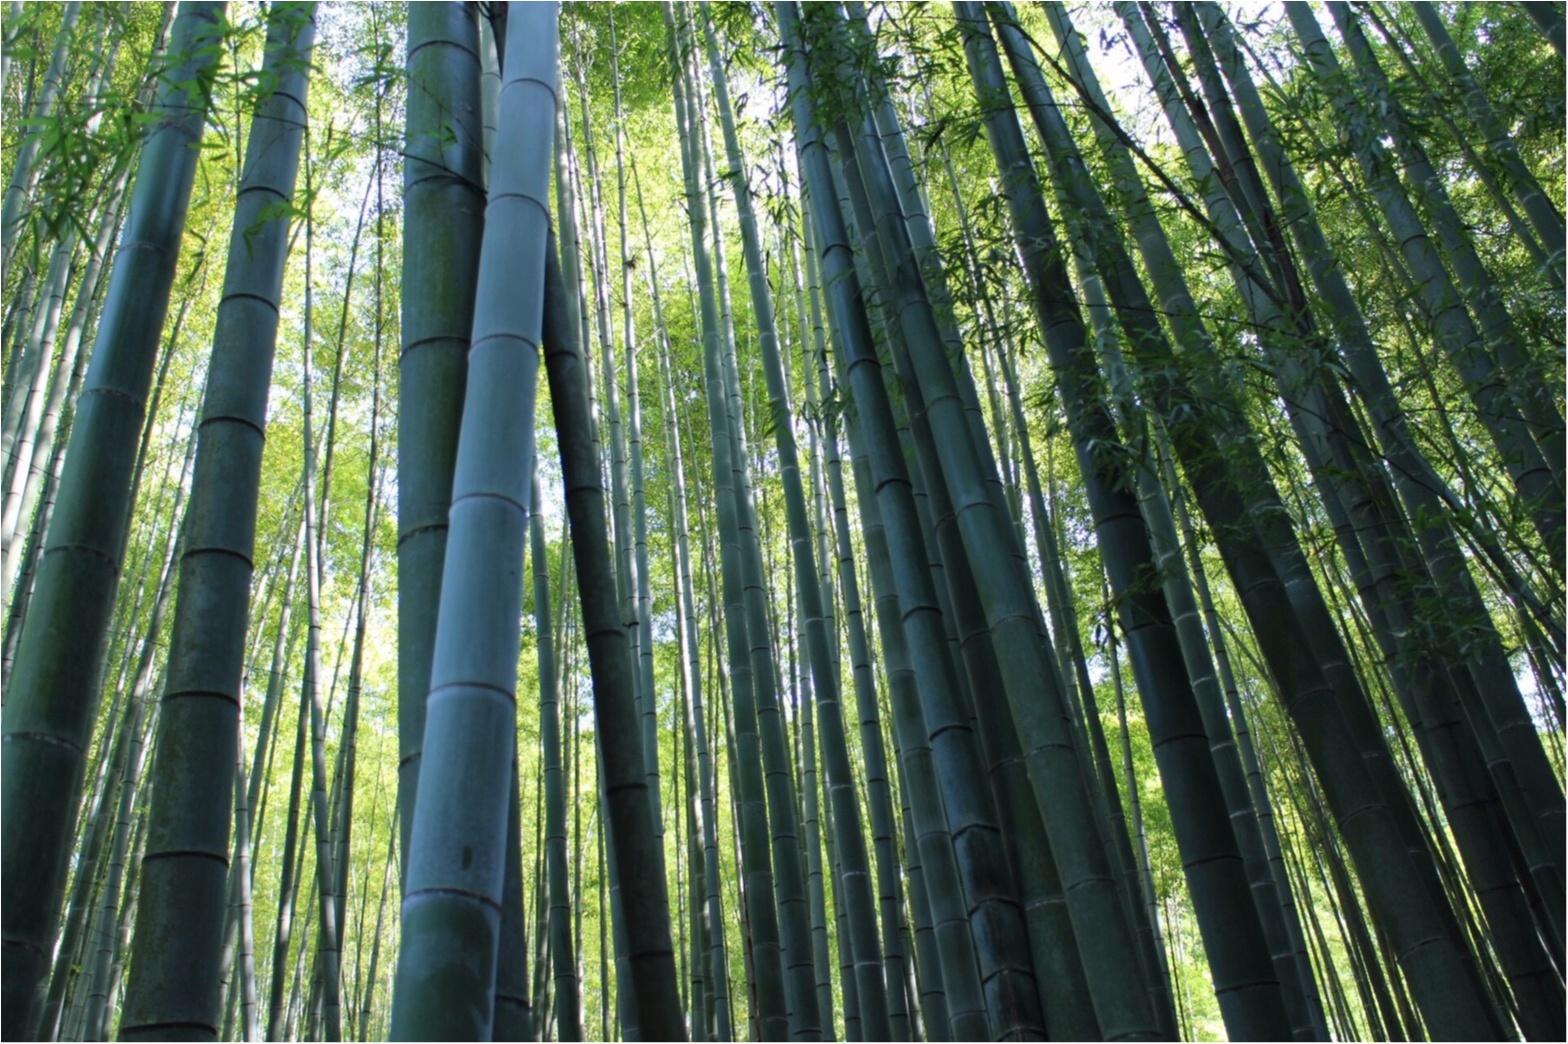 【鎌倉】着物で行きたいスポットNo.1♡フォトジェニックすぎる「報国寺」散策!_2